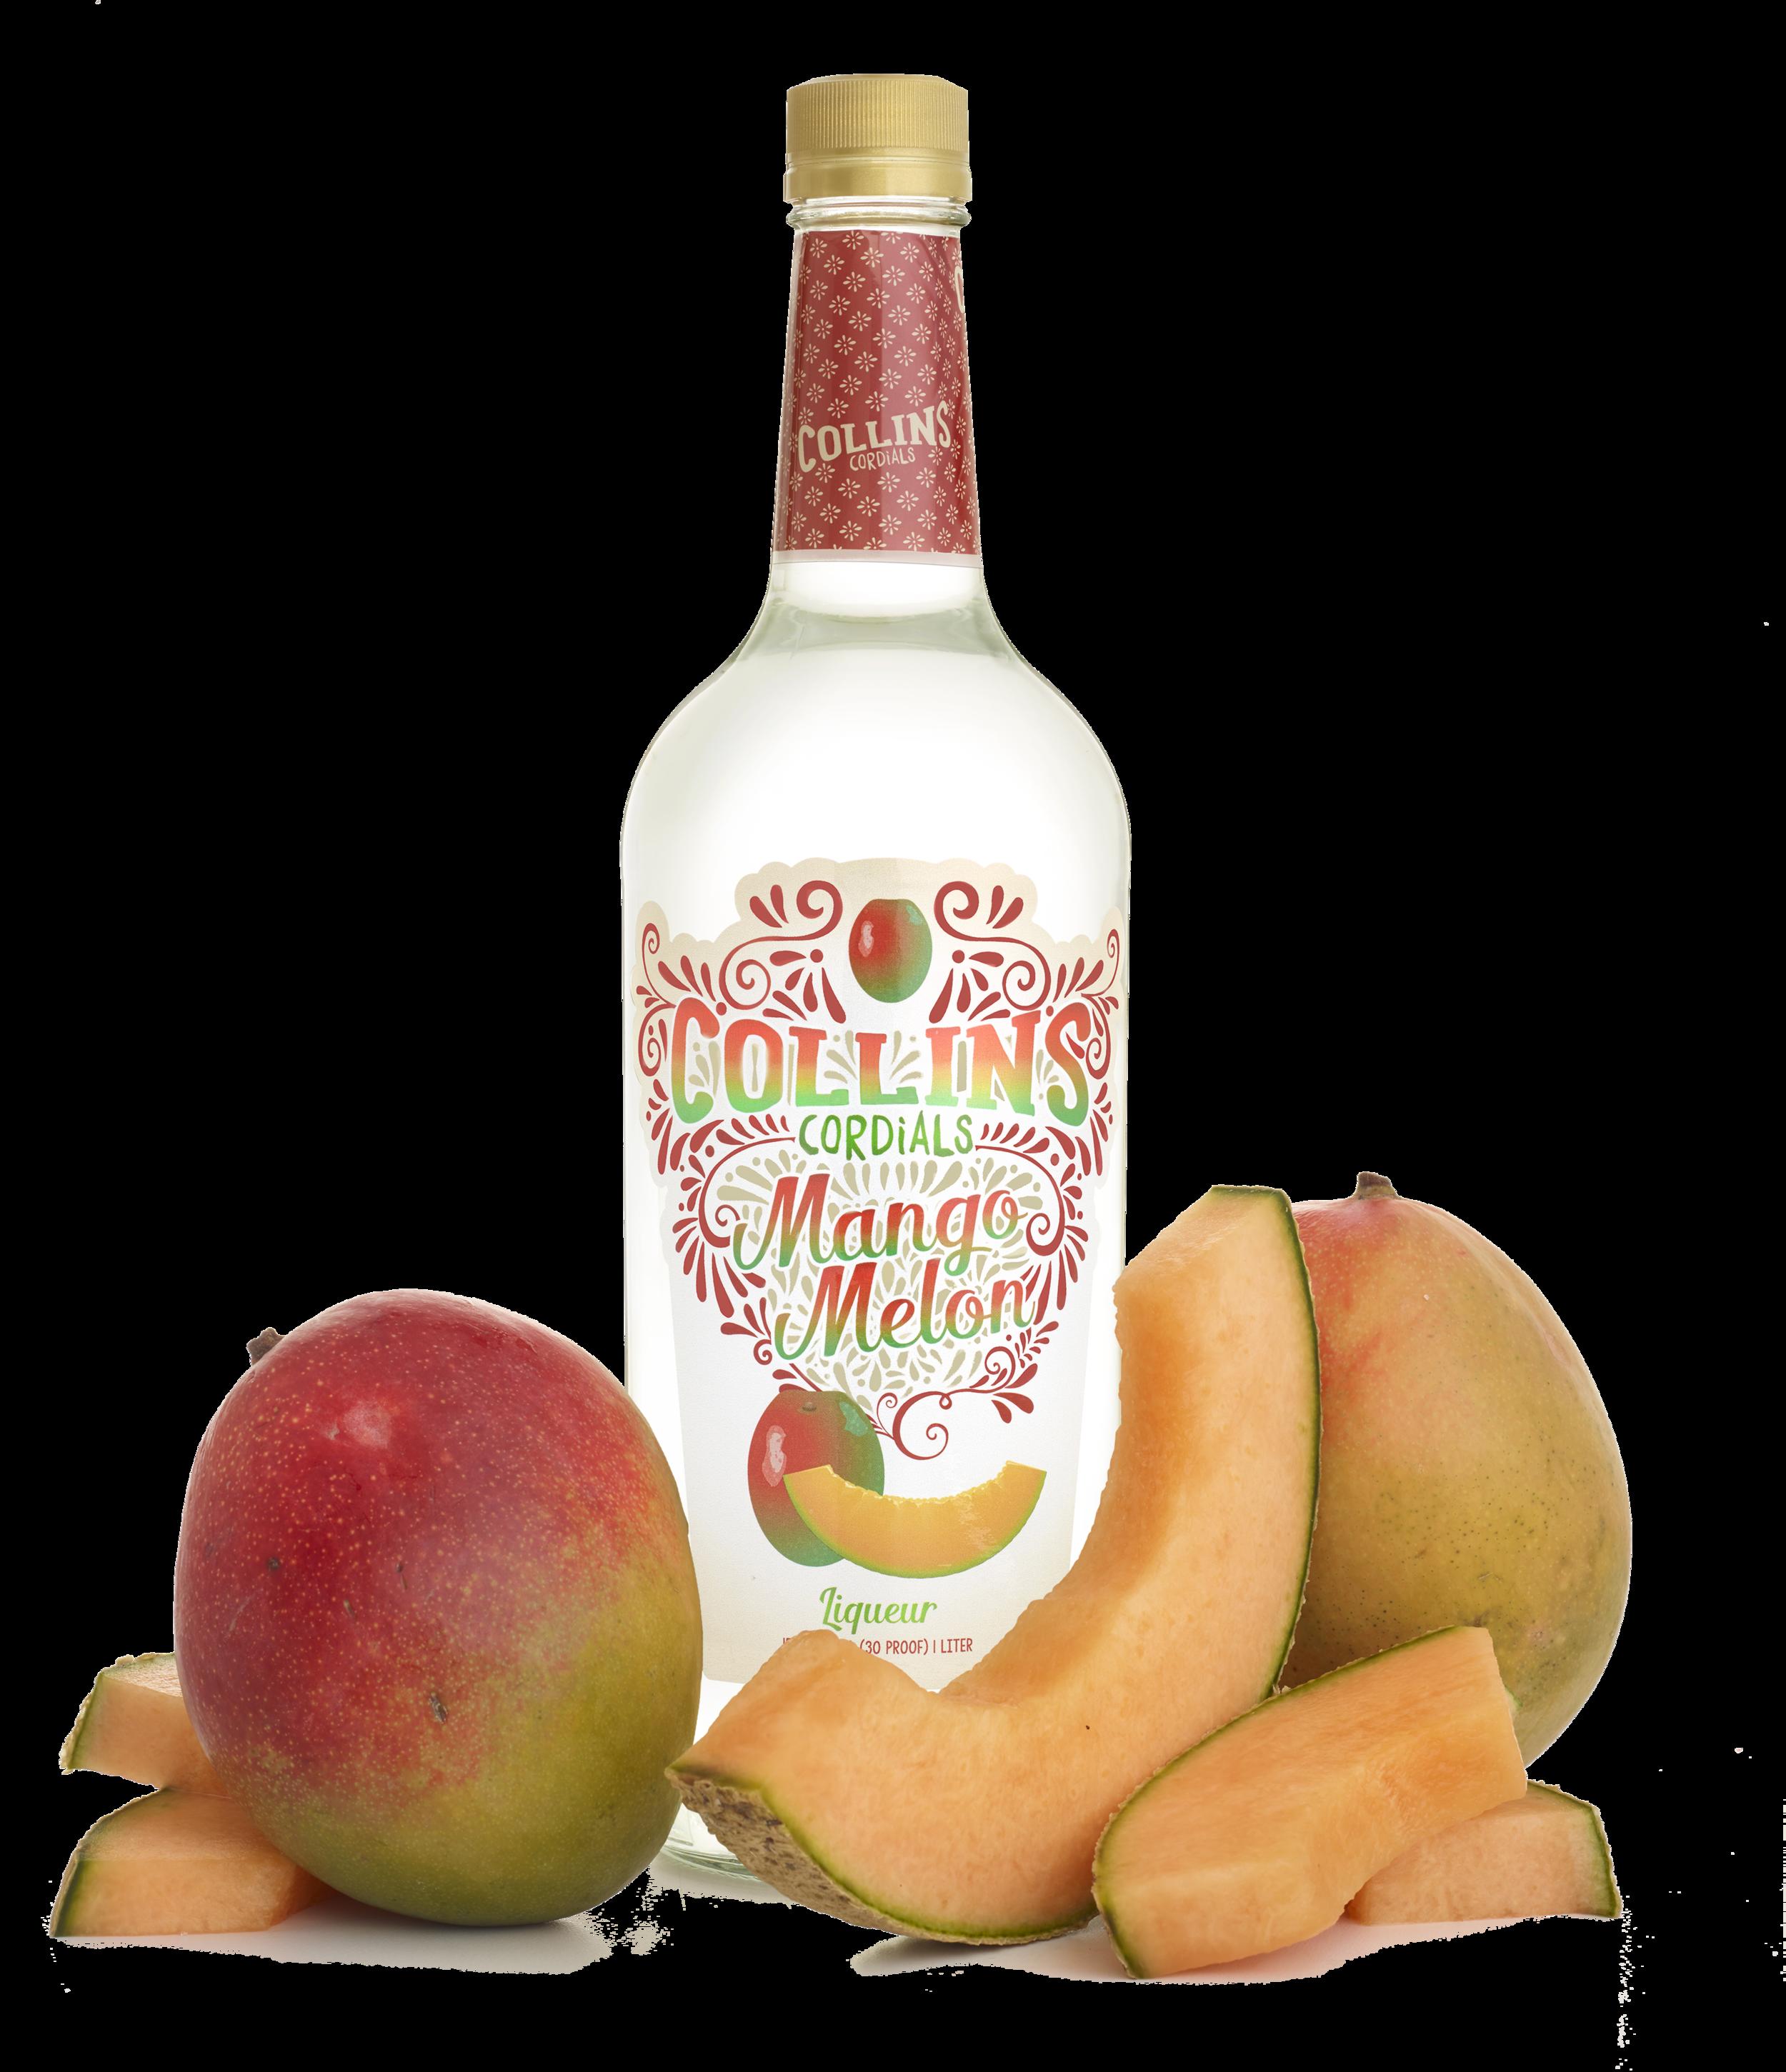 Mango Melon Liqueur | Collins Cordials